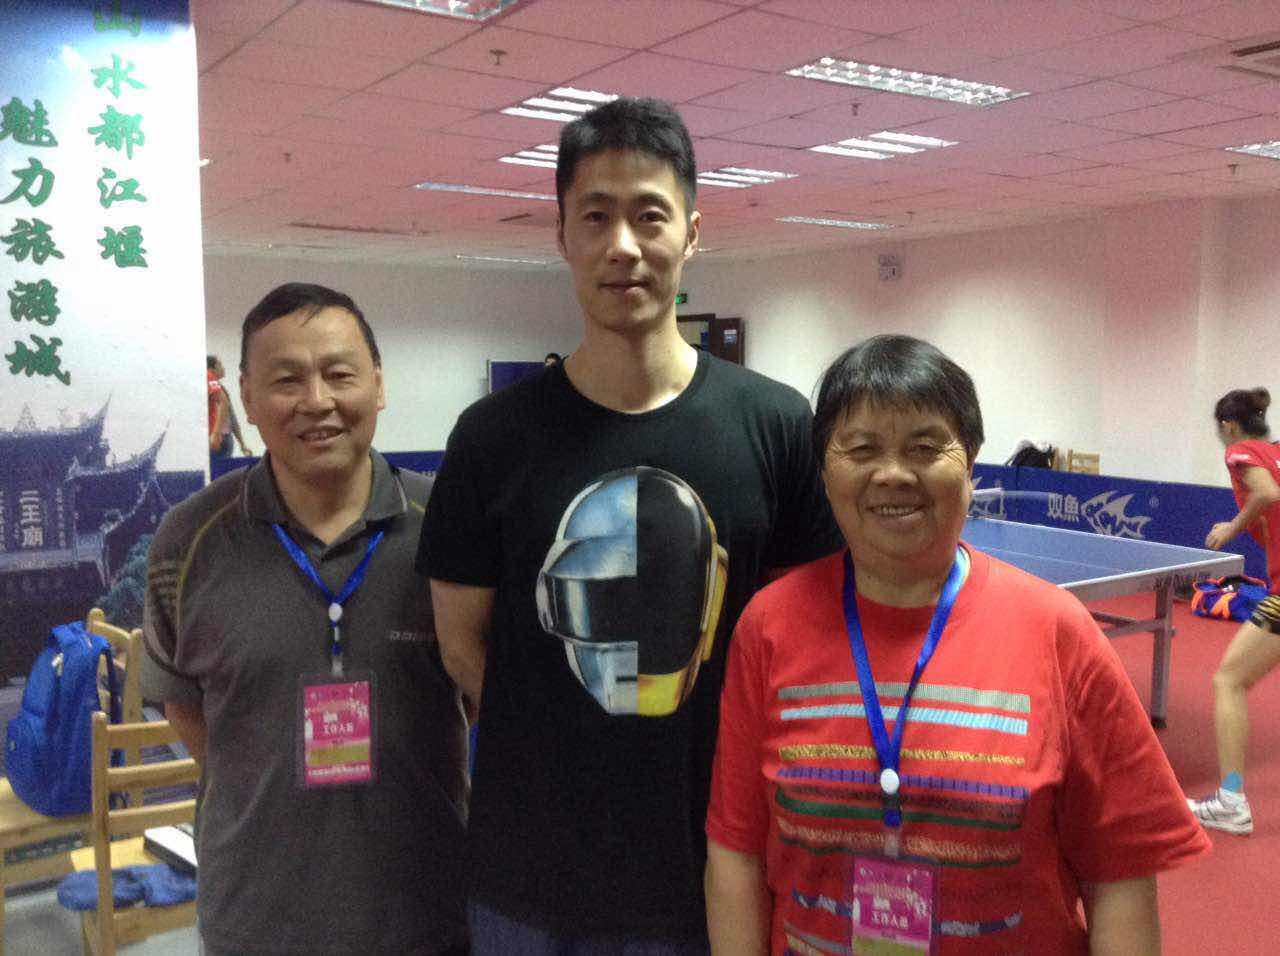 乒乓球老奥运剪纸演绎中国冠军教练v奥运赏景诗图片